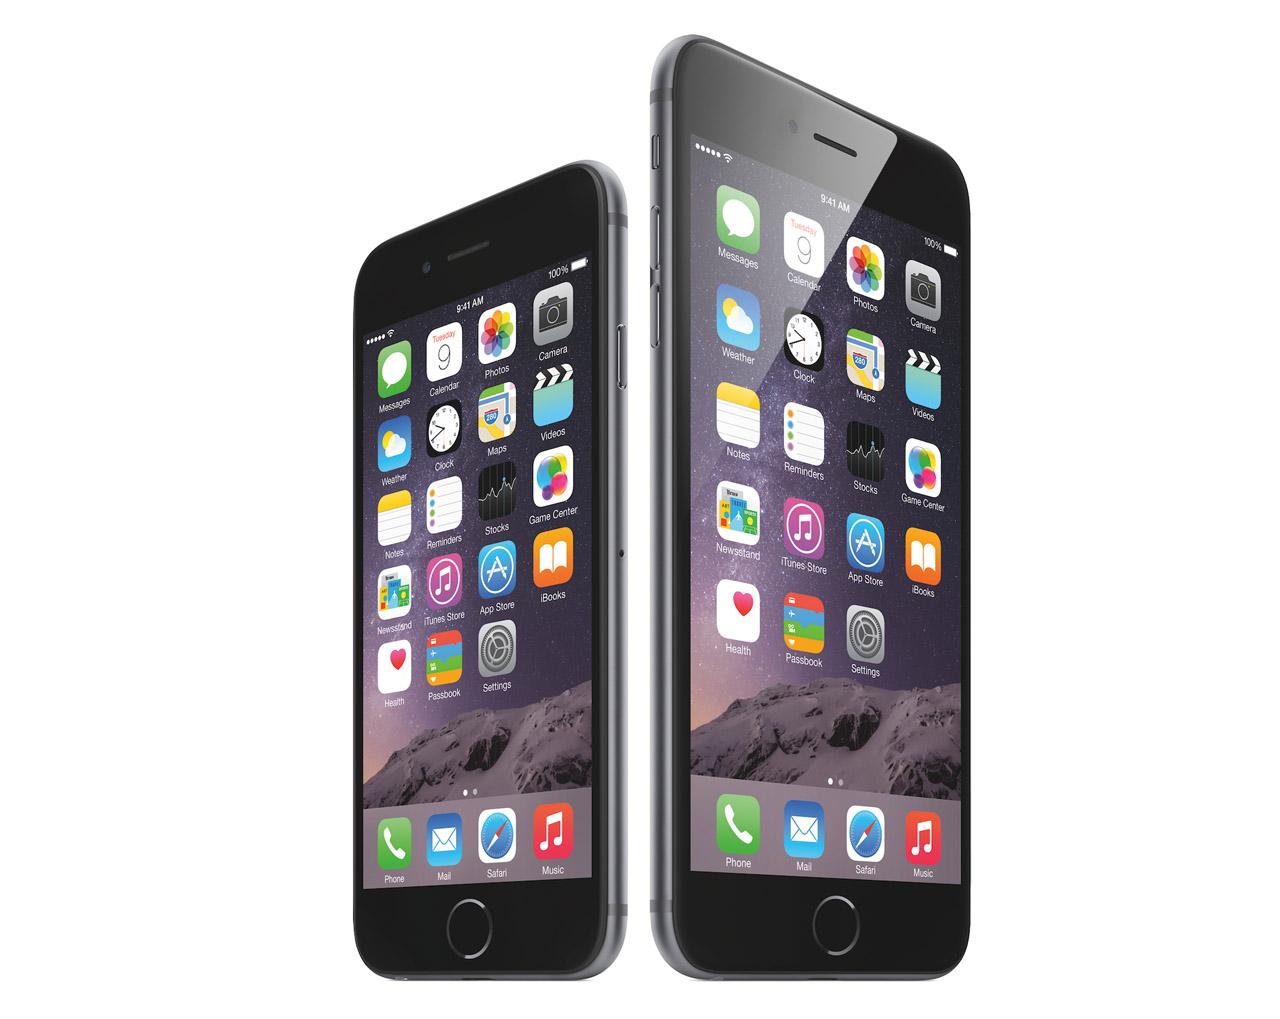 iPhone 6 Plusに人気が集中。今から発売日に購入するにはどうすればいい?